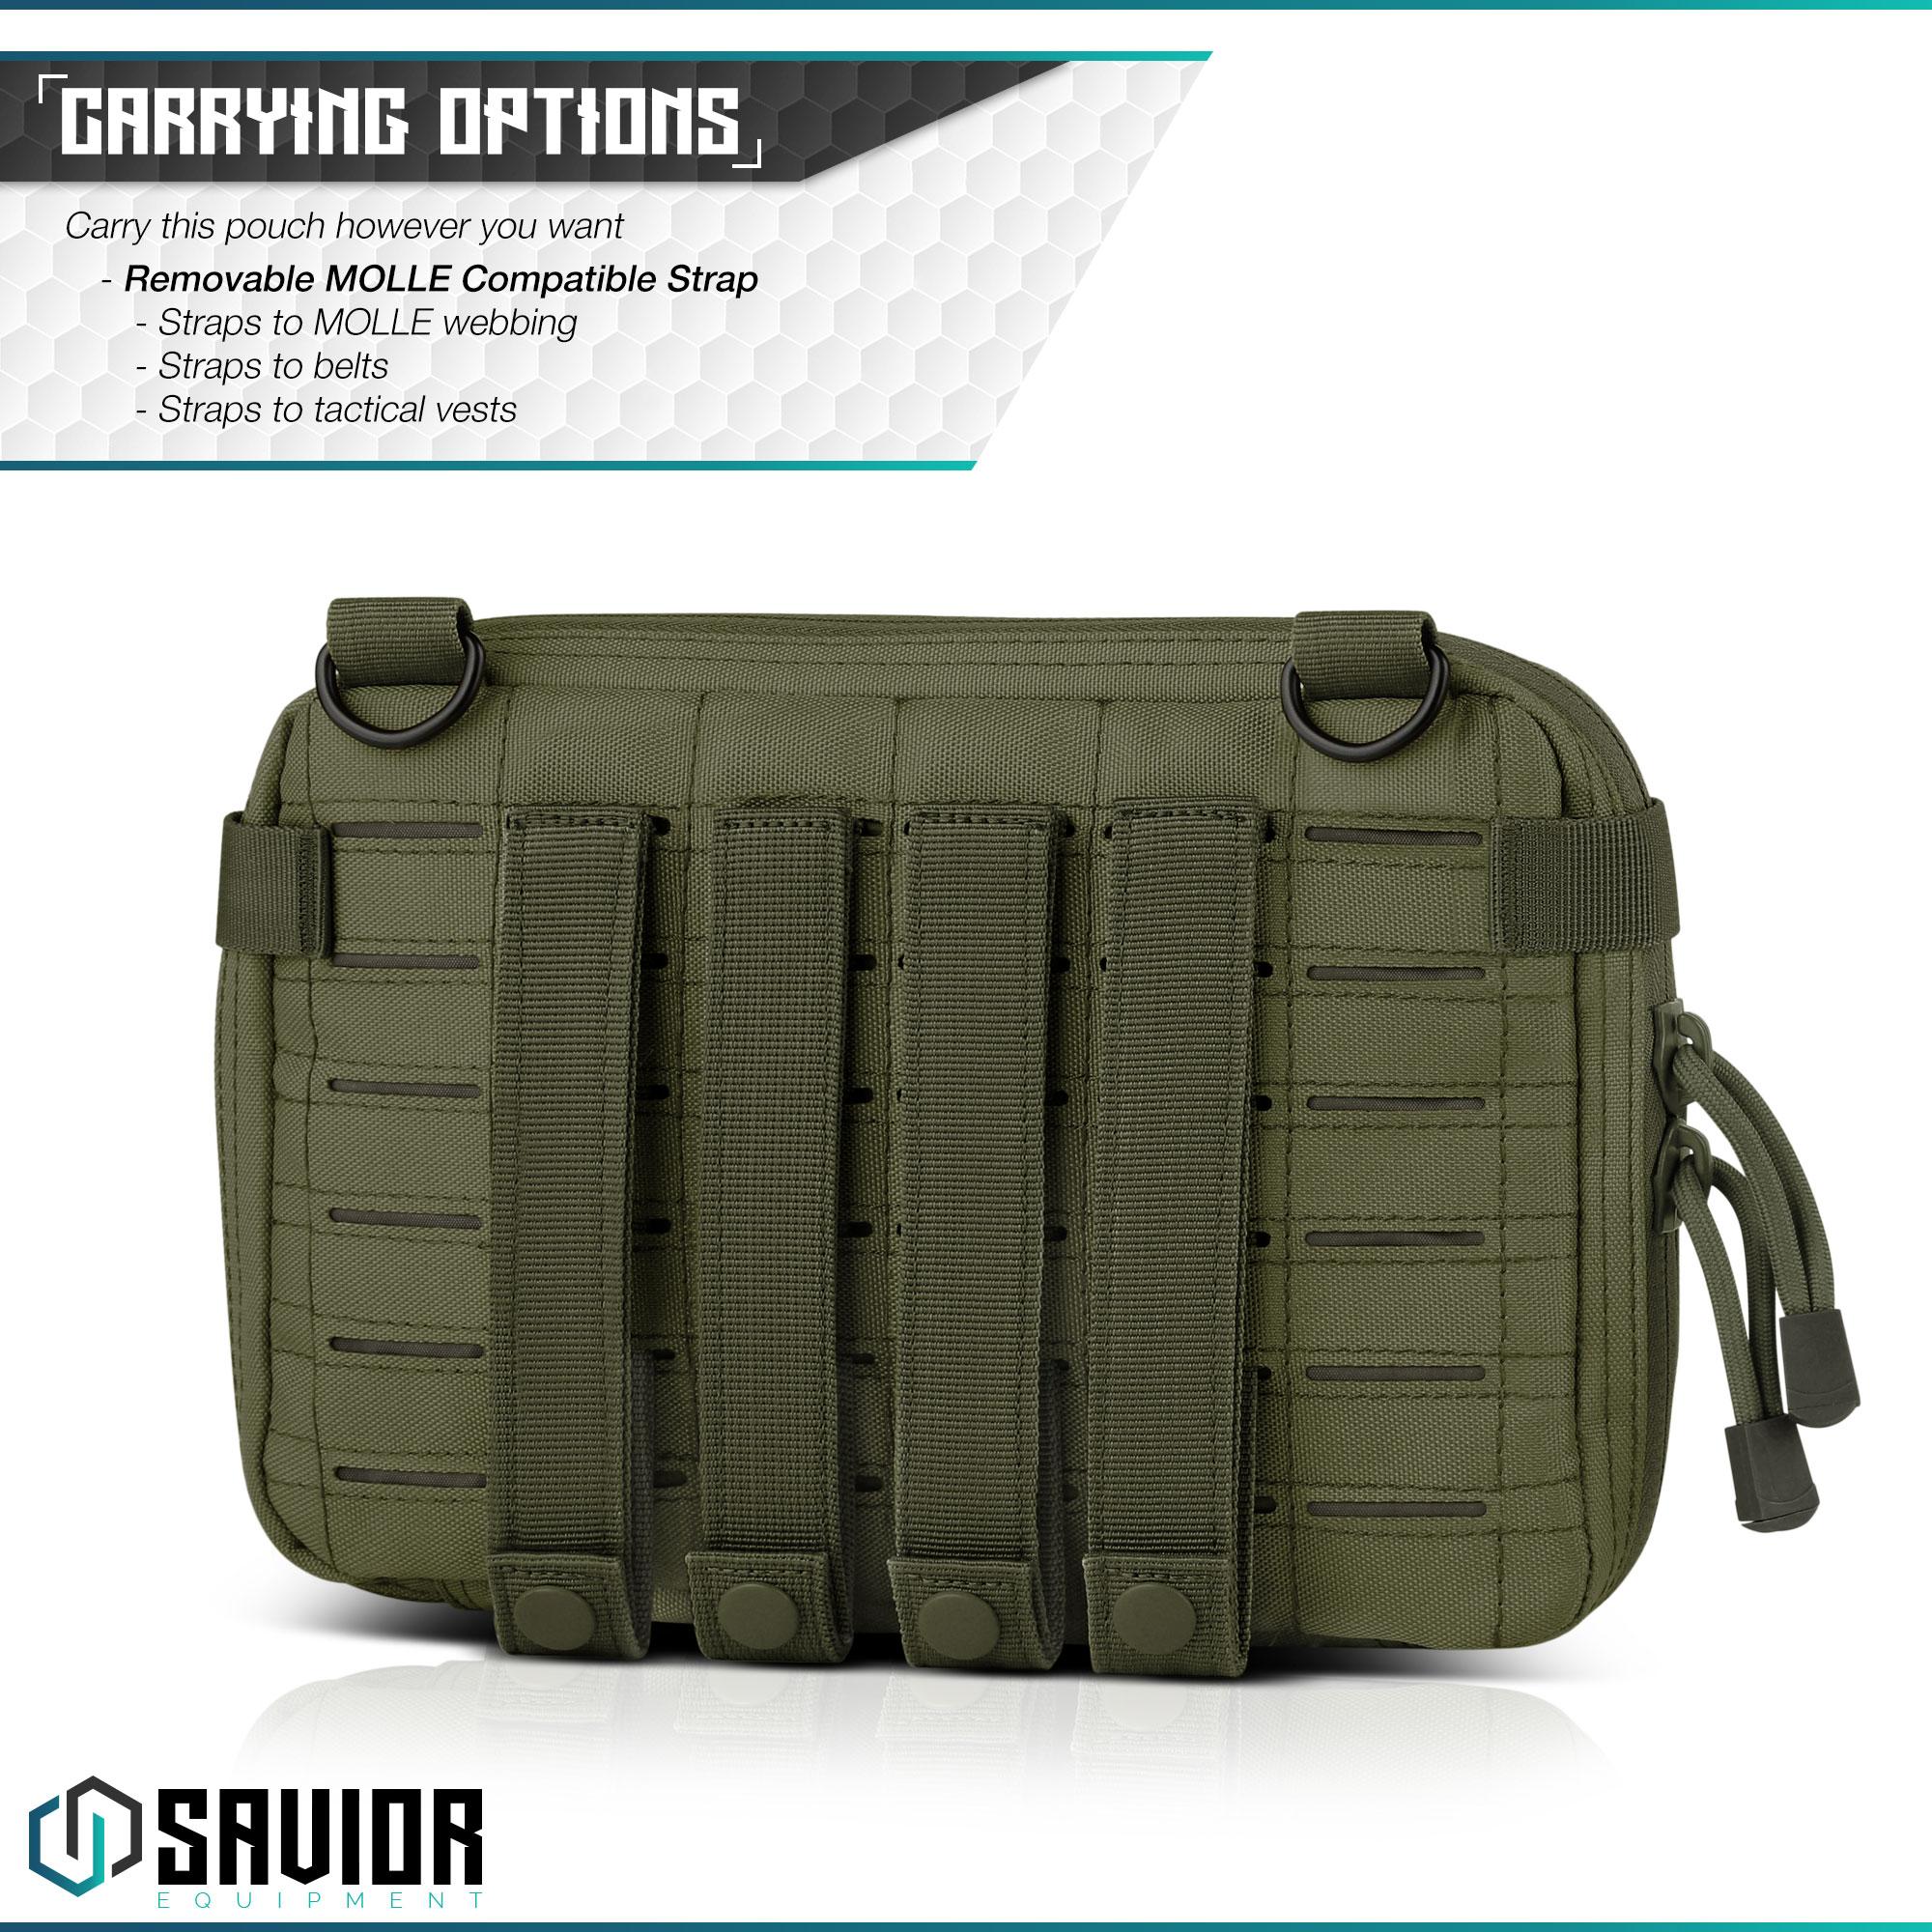 SAVIOR-Laser-Cut-MOLLE-Admin-Utility-EDC-Pouch-Tactical-Outdoor-Survival-Bag thumbnail 24